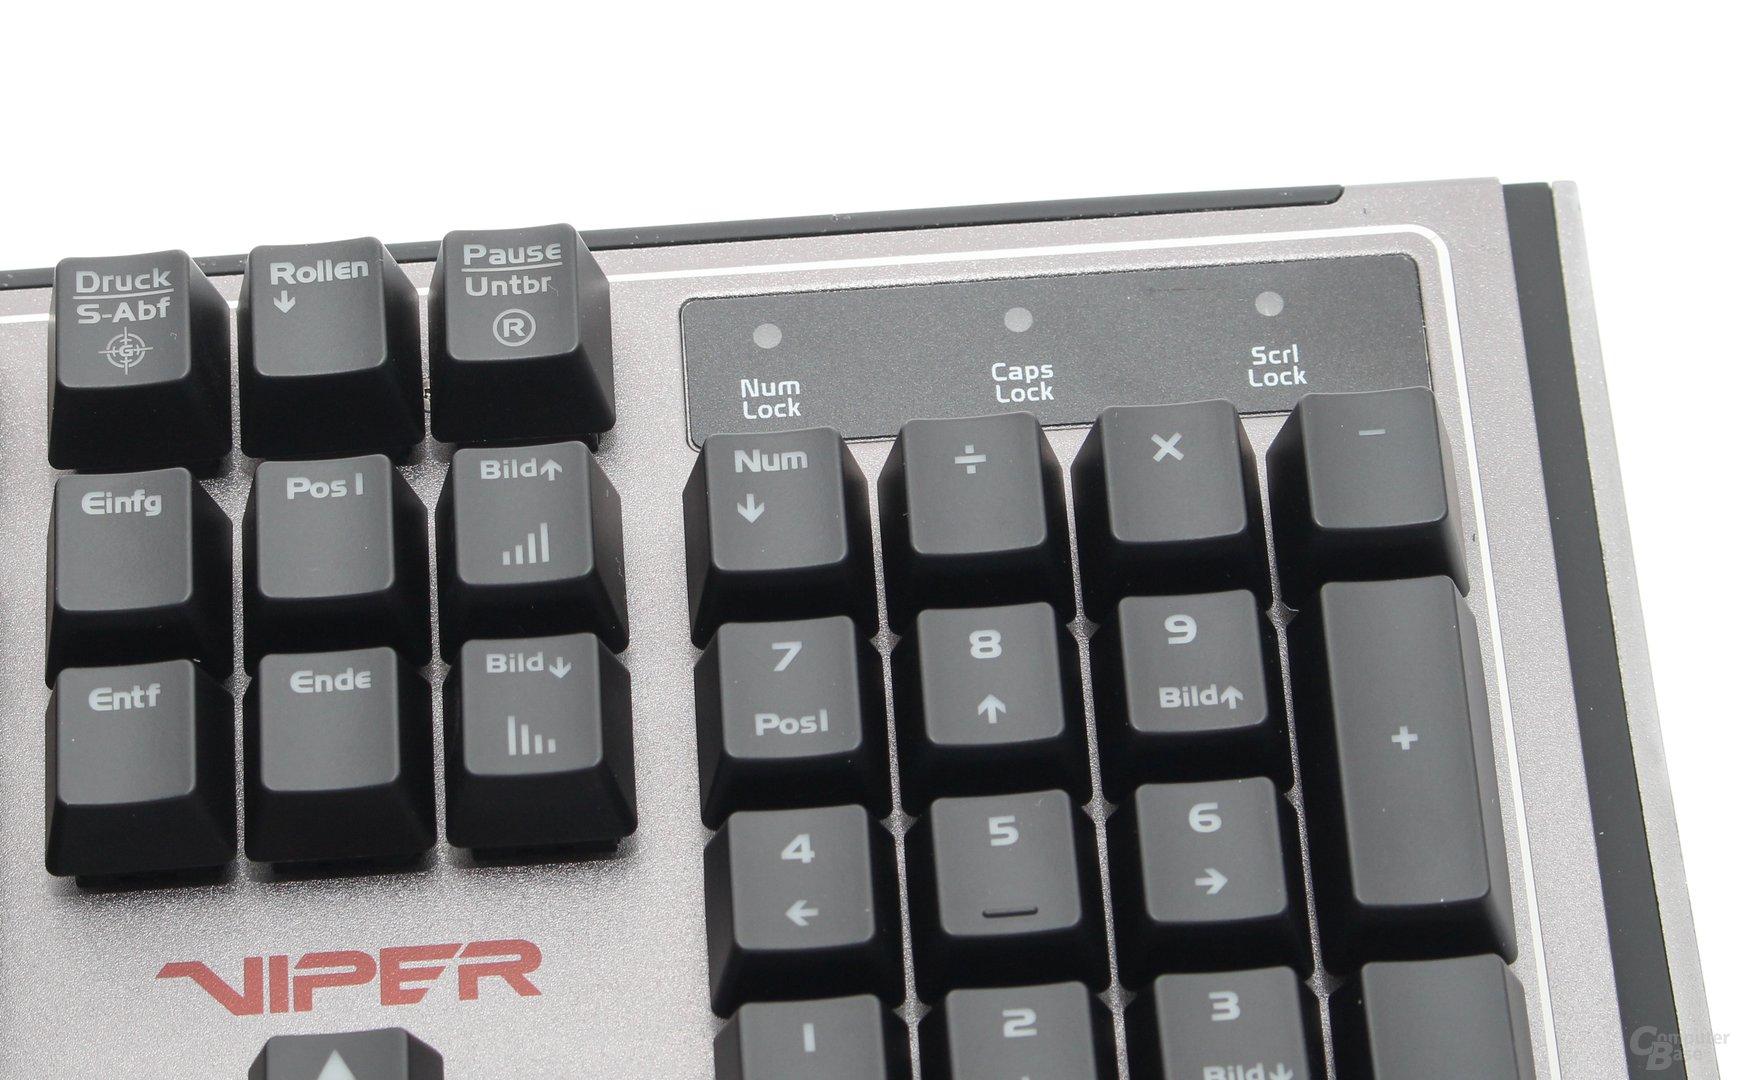 Status-LEDs, Reset-Funktion (F12),  Spiele-Modus, Effektgeschwindigkeit